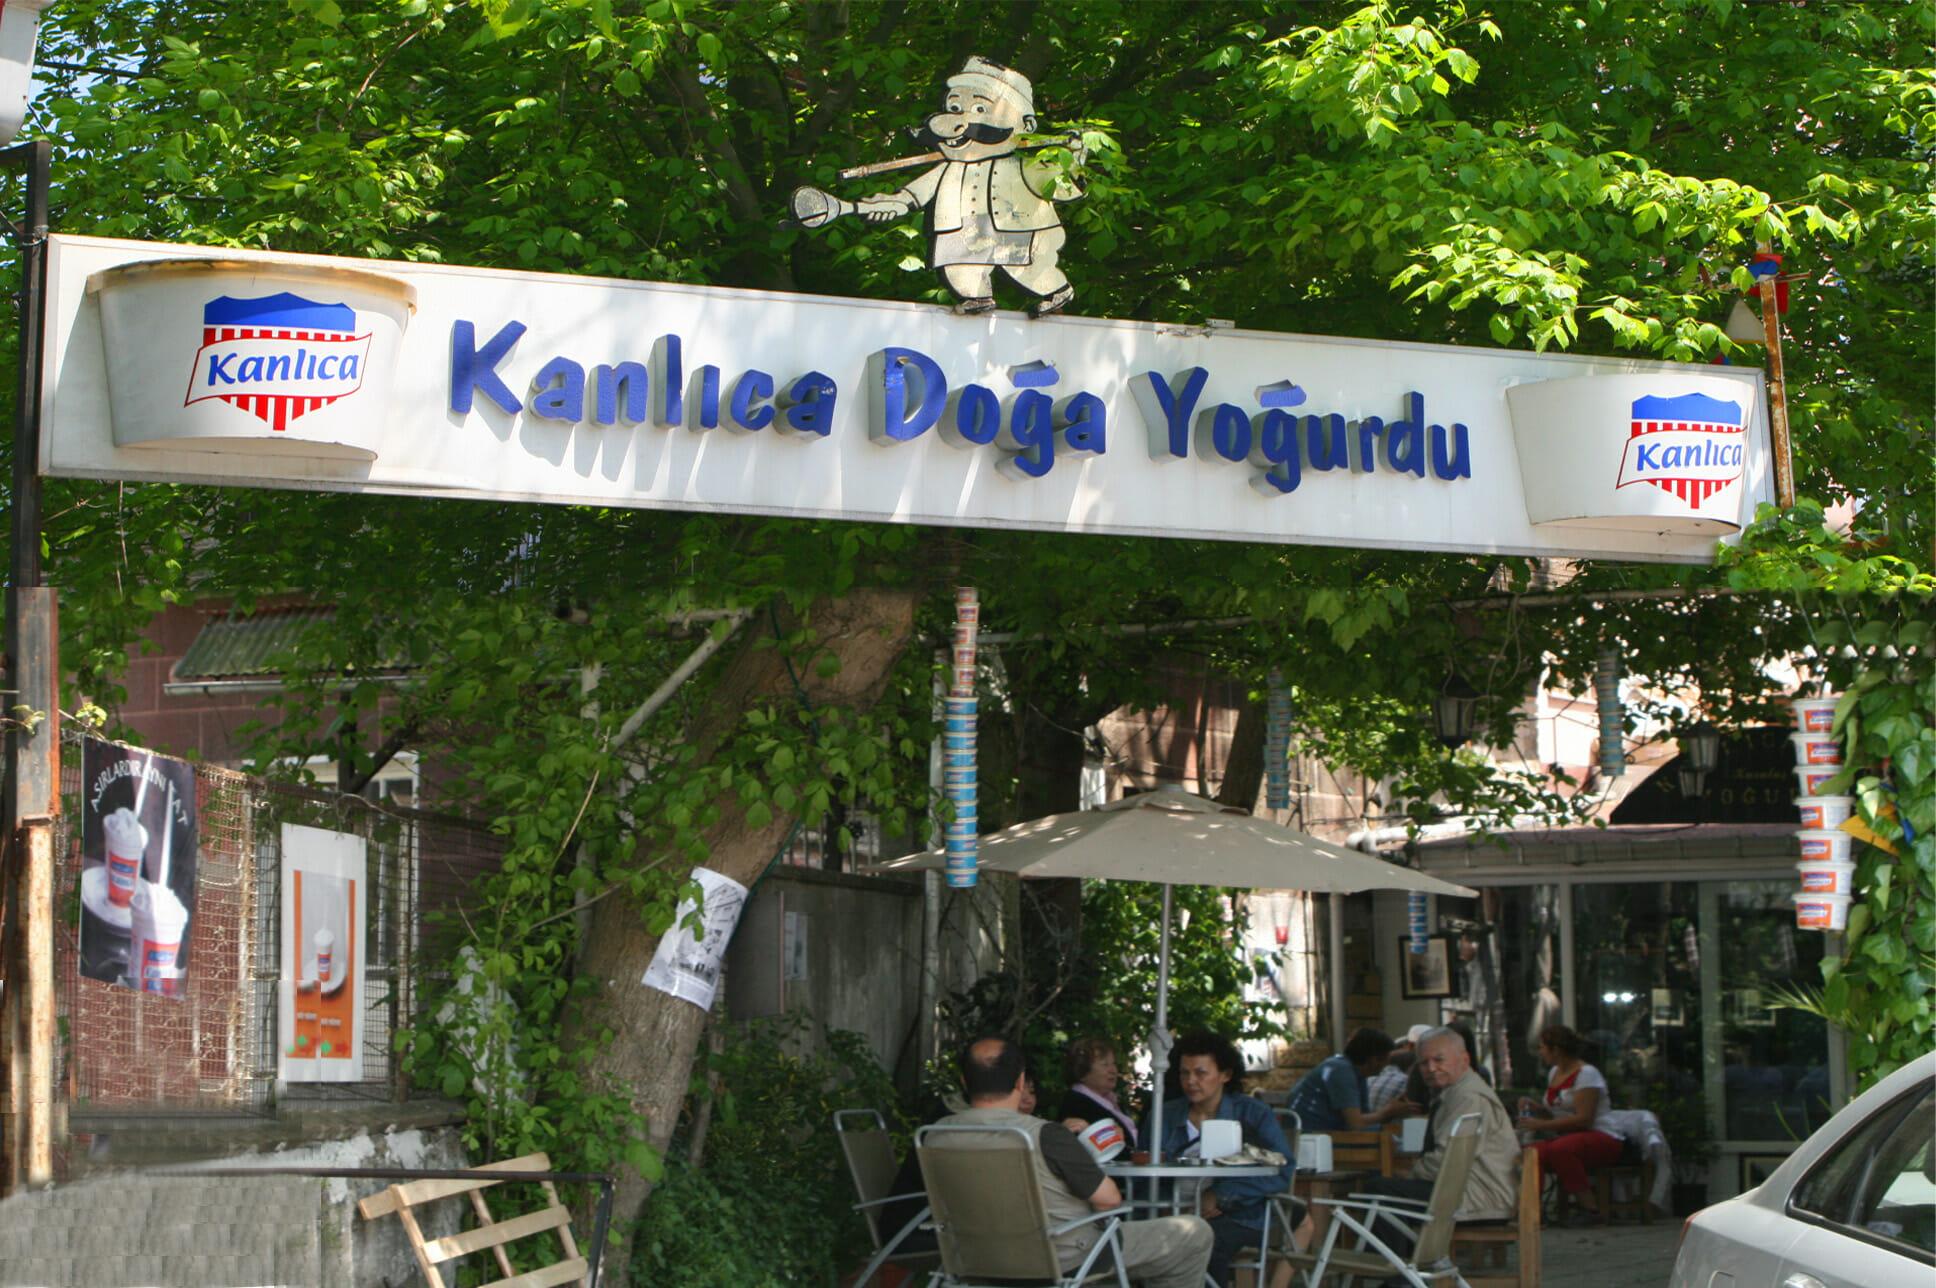 kanlica doga yogurdu8 - في اسطنبول فقط.. تشعر أنك آمير بوجبة غداء